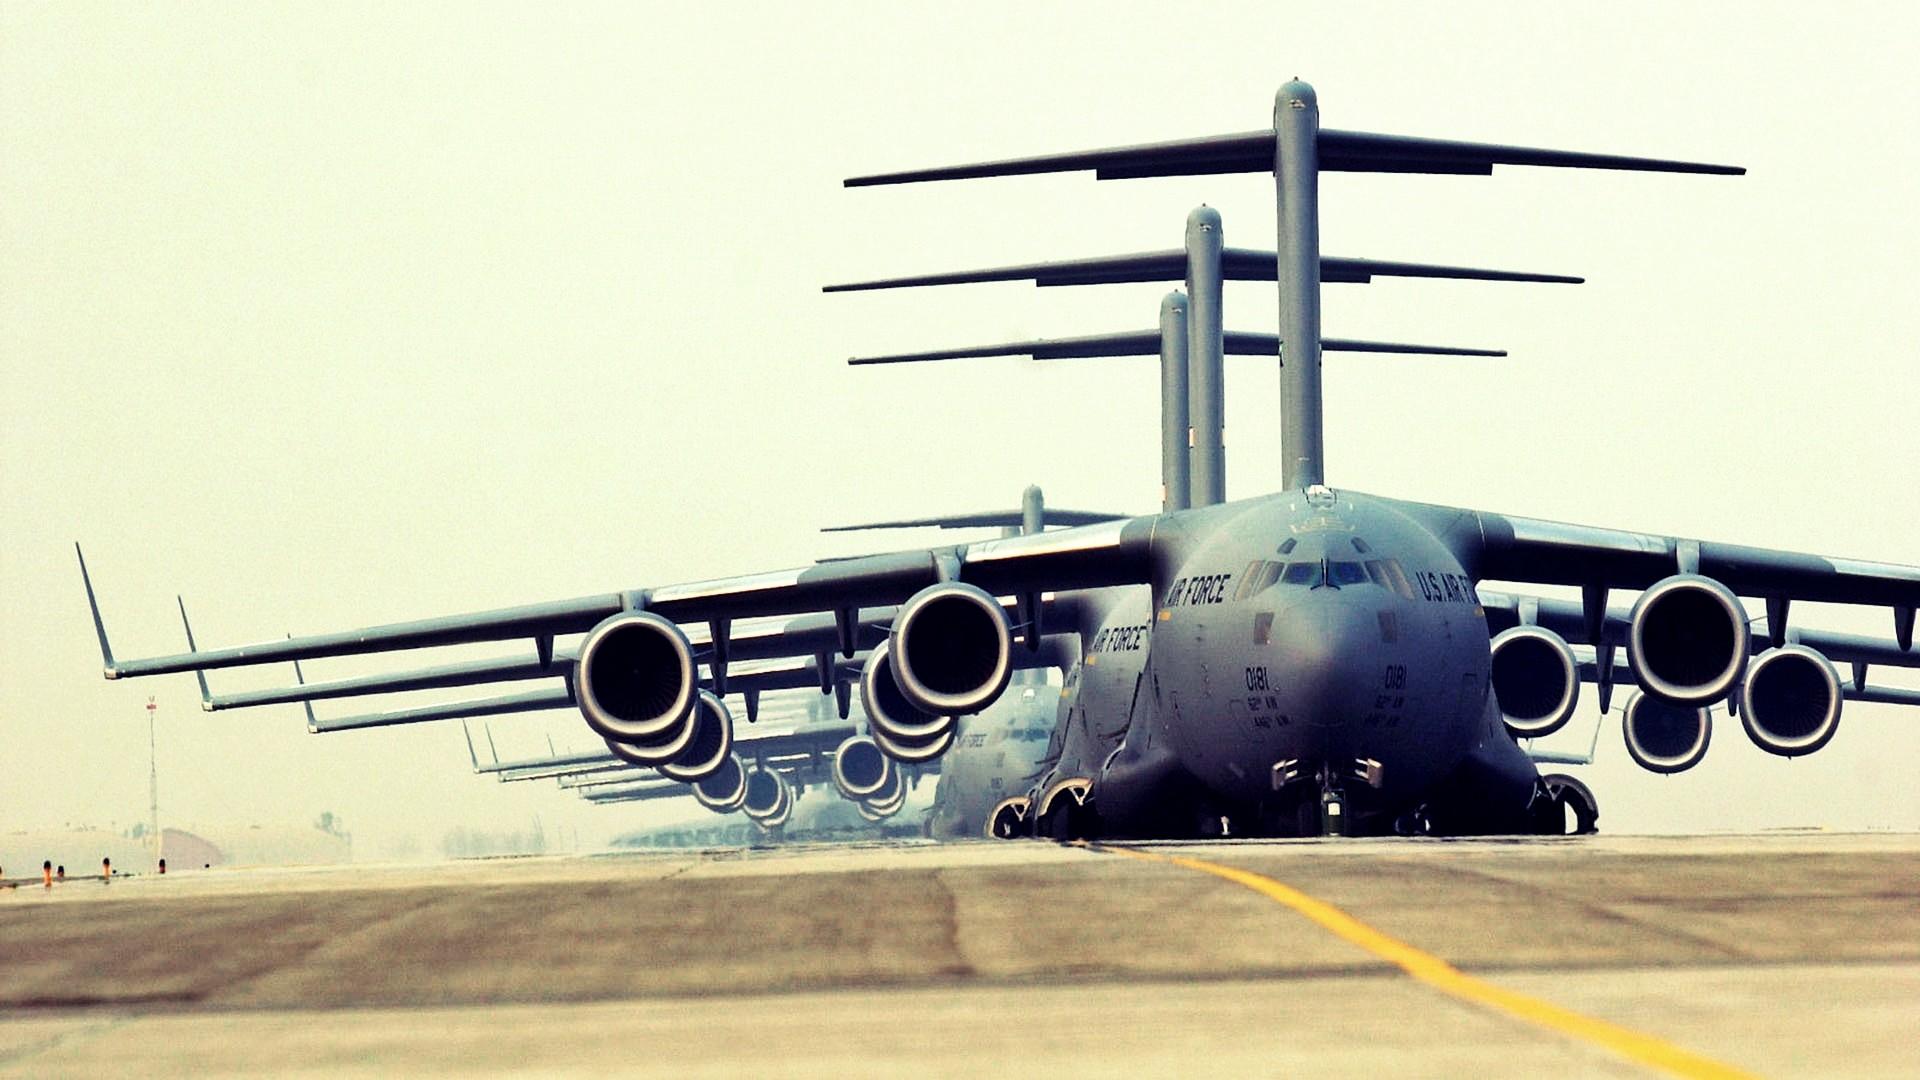 ... USAF Wallpaper; USAF Wallpaper